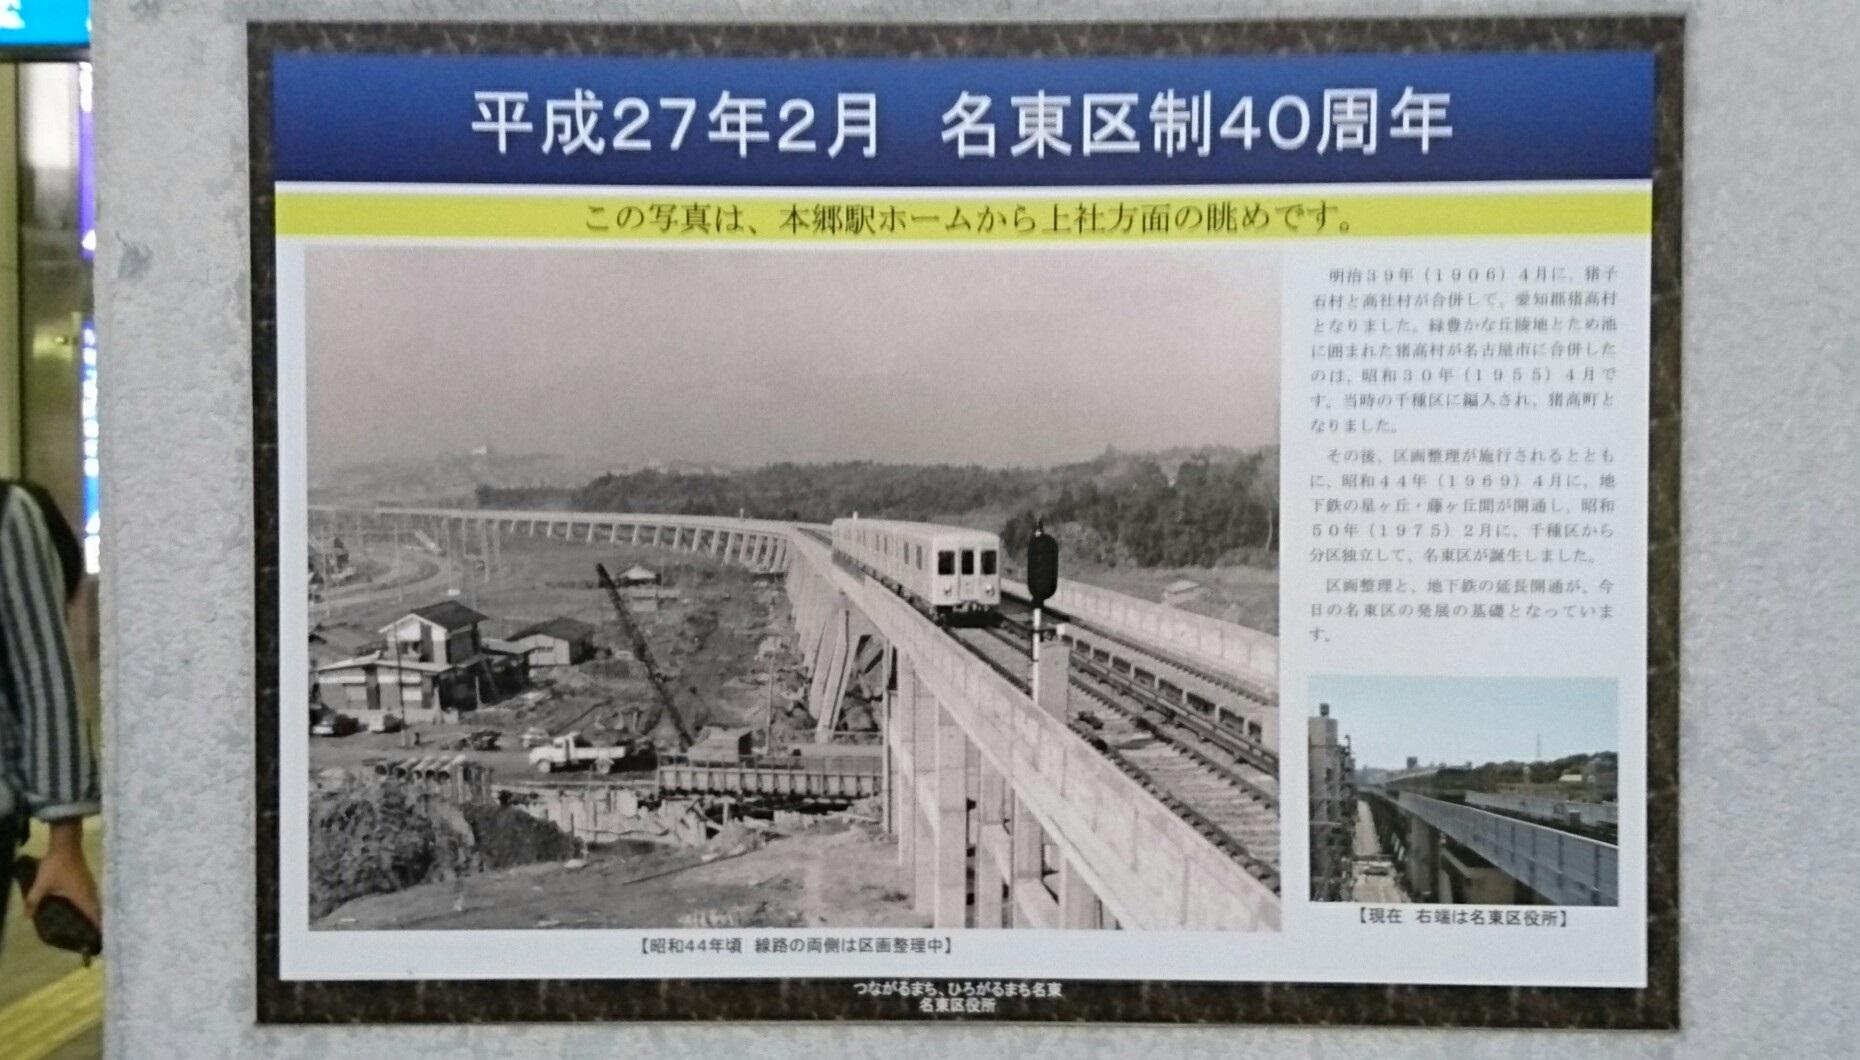 2017.12.8 名鉄 (11) 本郷 - 名東区制40周年 1860-1060